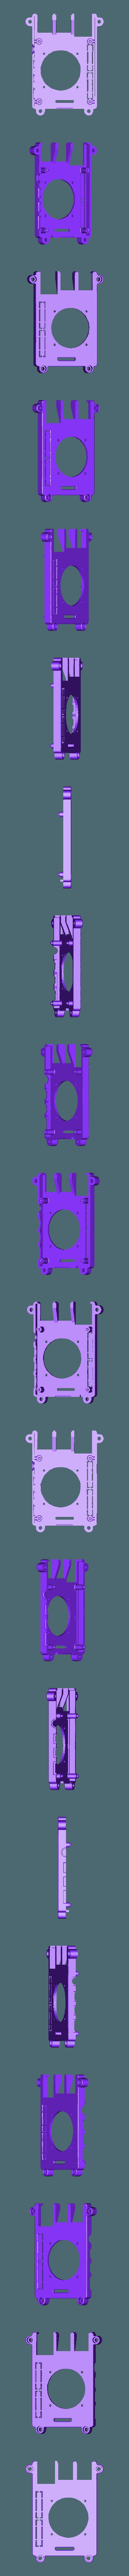 SLIM_40MM_SLOTTED_BLANK.STL Télécharger fichier STL gratuit Étui Pi 4B Framboise Framboise • Objet pour imprimante 3D, mkellsy